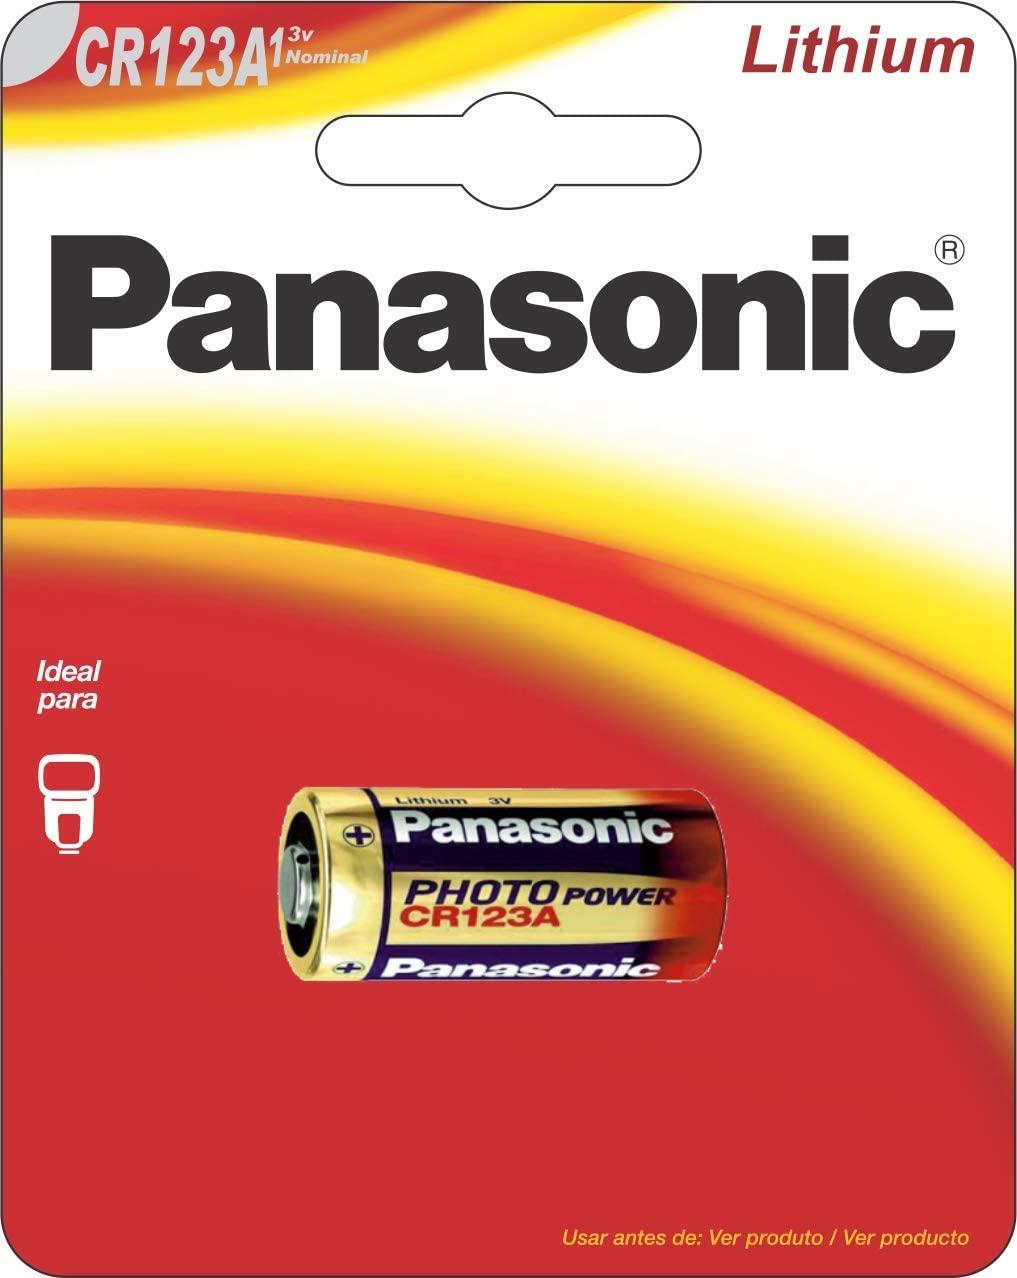 20 Pilha CR123A 3V Lithium PANASONIC - 20 cartelas com 1 unidade